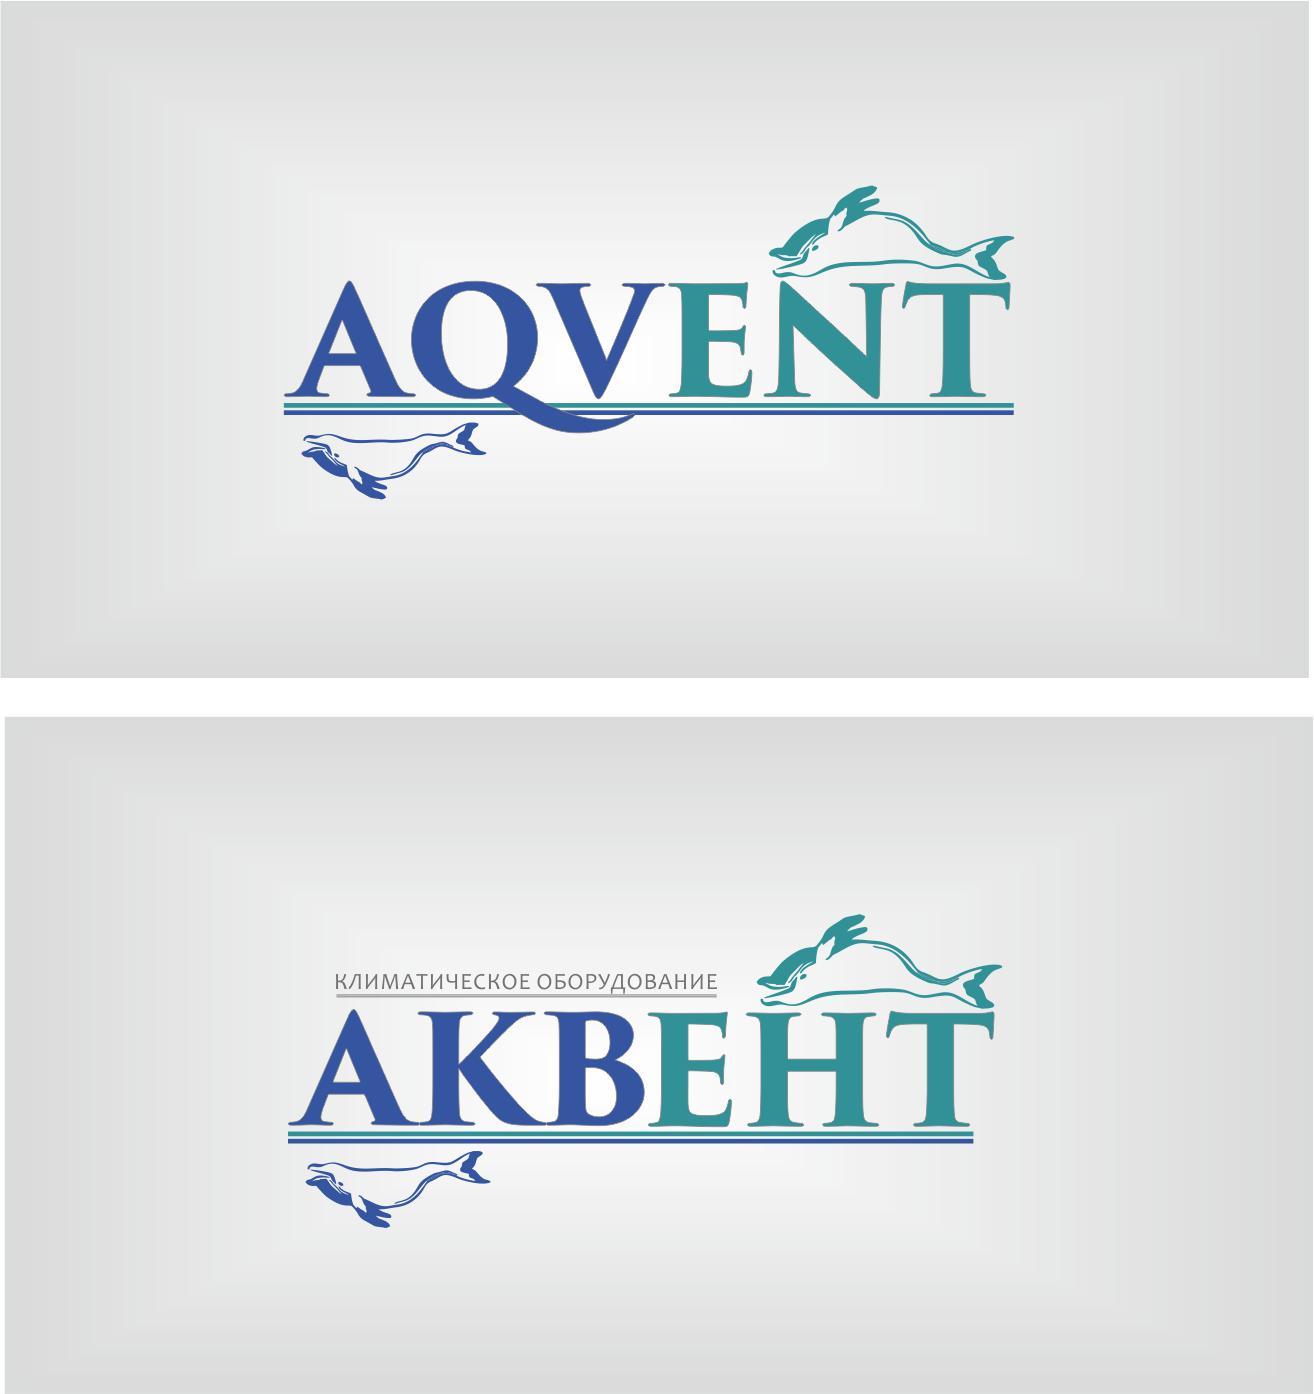 Логотип AQVENT фото f_9375280961b66ebc.jpg